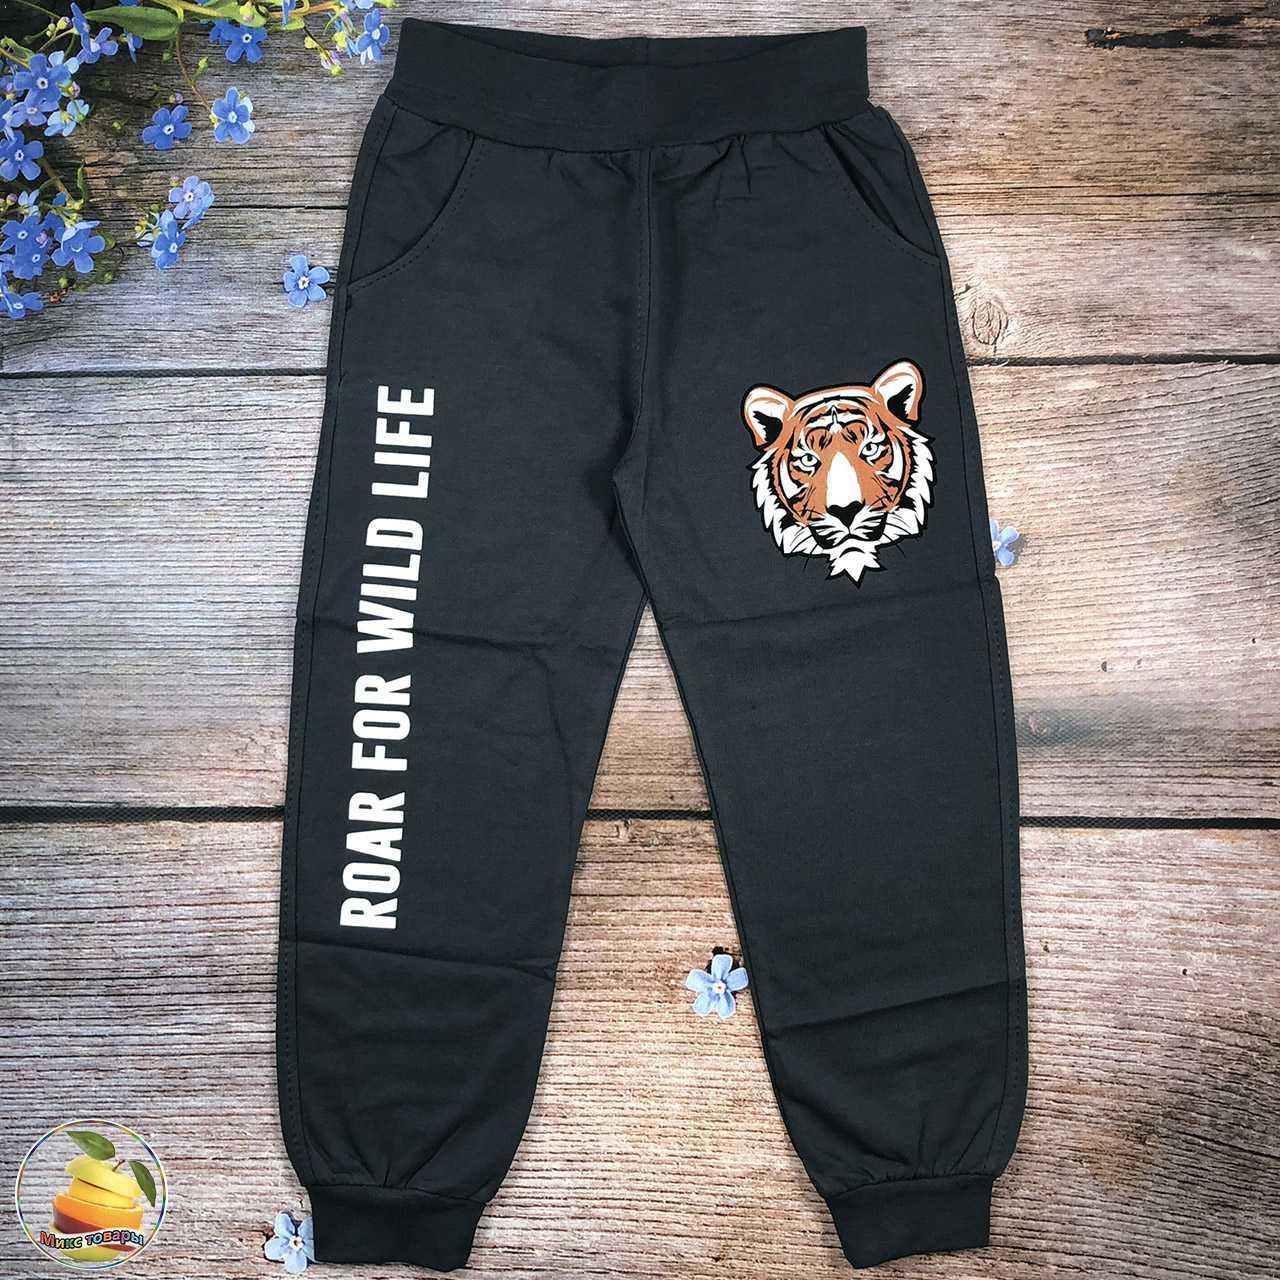 Спортивные штаны тёмно серого цвета для мальчика подростка Размеры: 9,10,11,12 лет (9361-3)